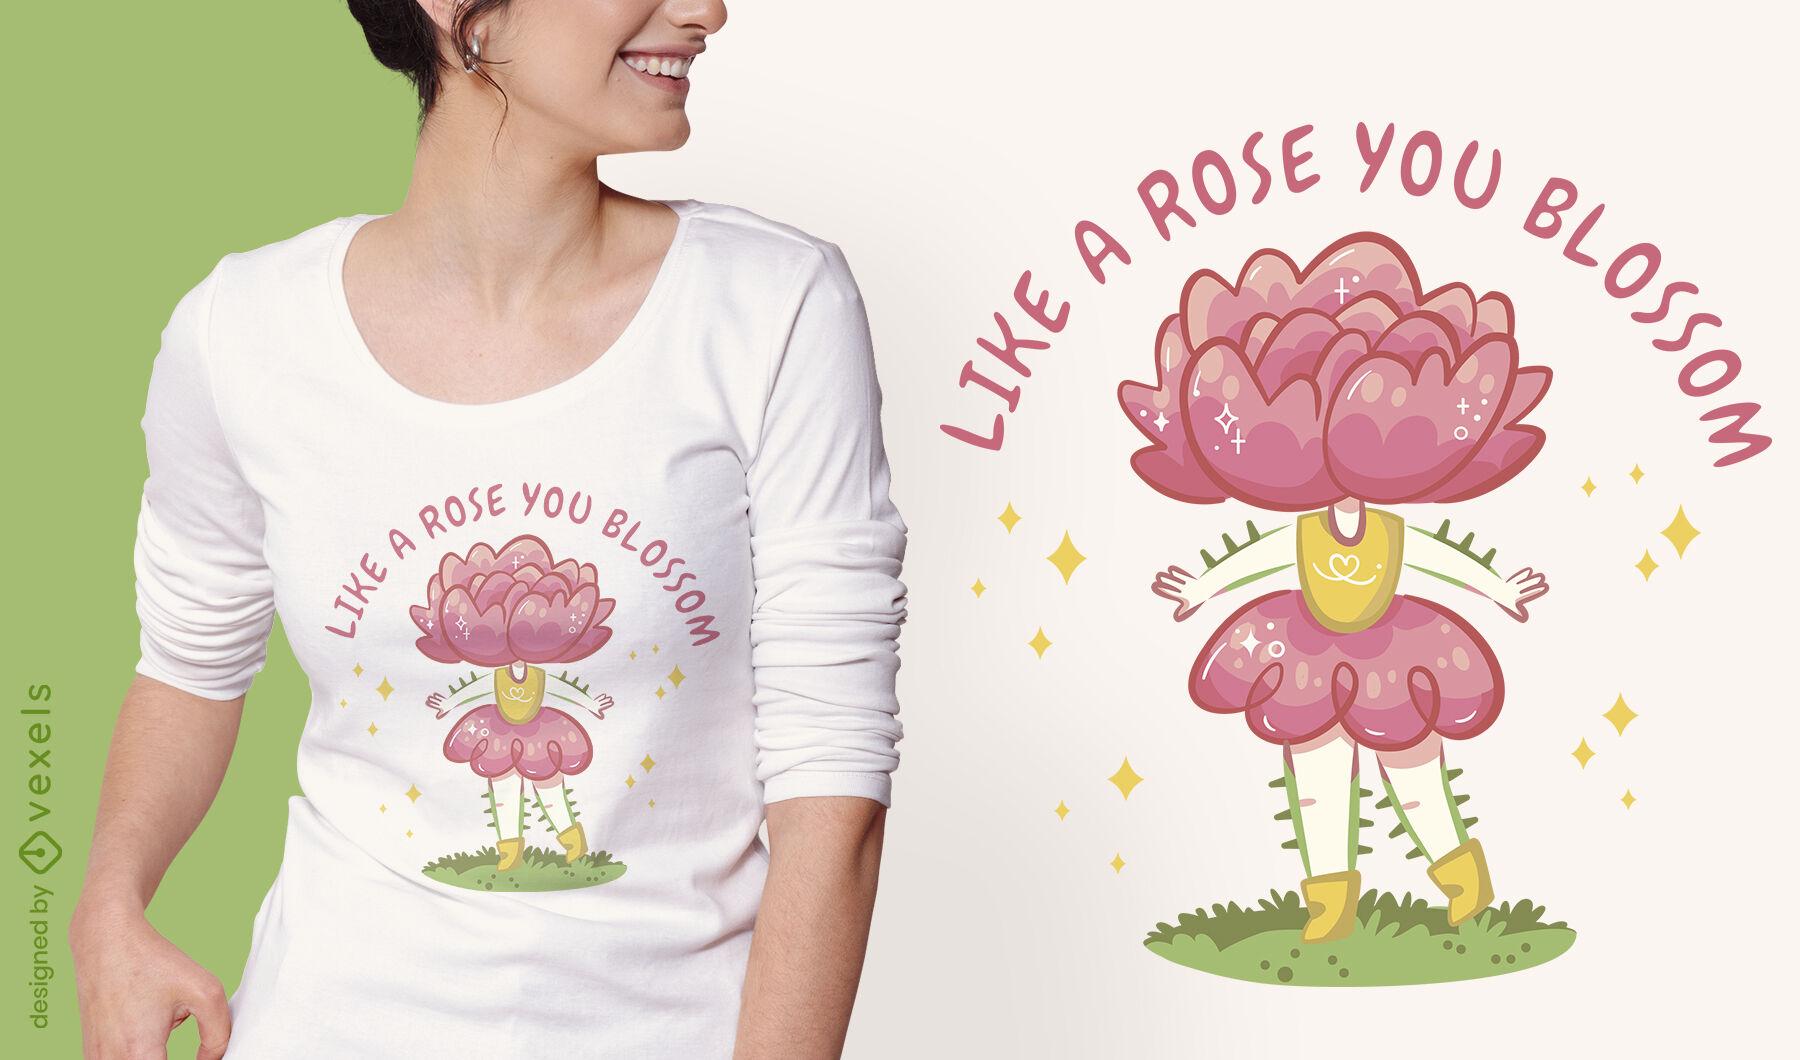 Rose Mädchen T-Shirt Design